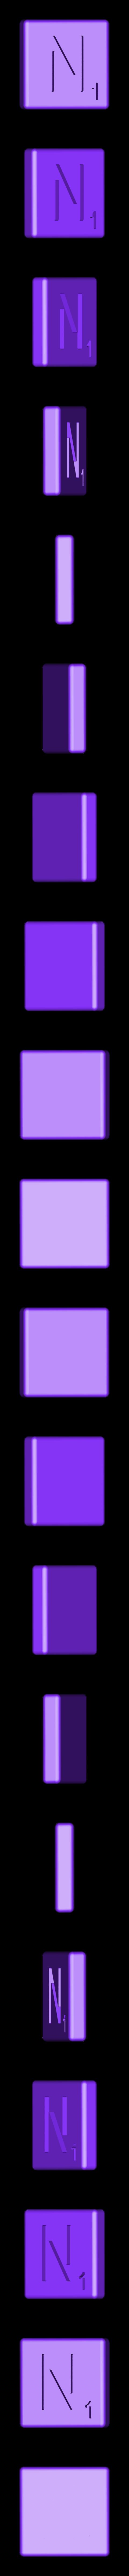 Dual_Shell_N.STL Télécharger fichier STL gratuit Pièces et support SCRABBBLE • Design pour imprimante 3D, Balkhagal4D